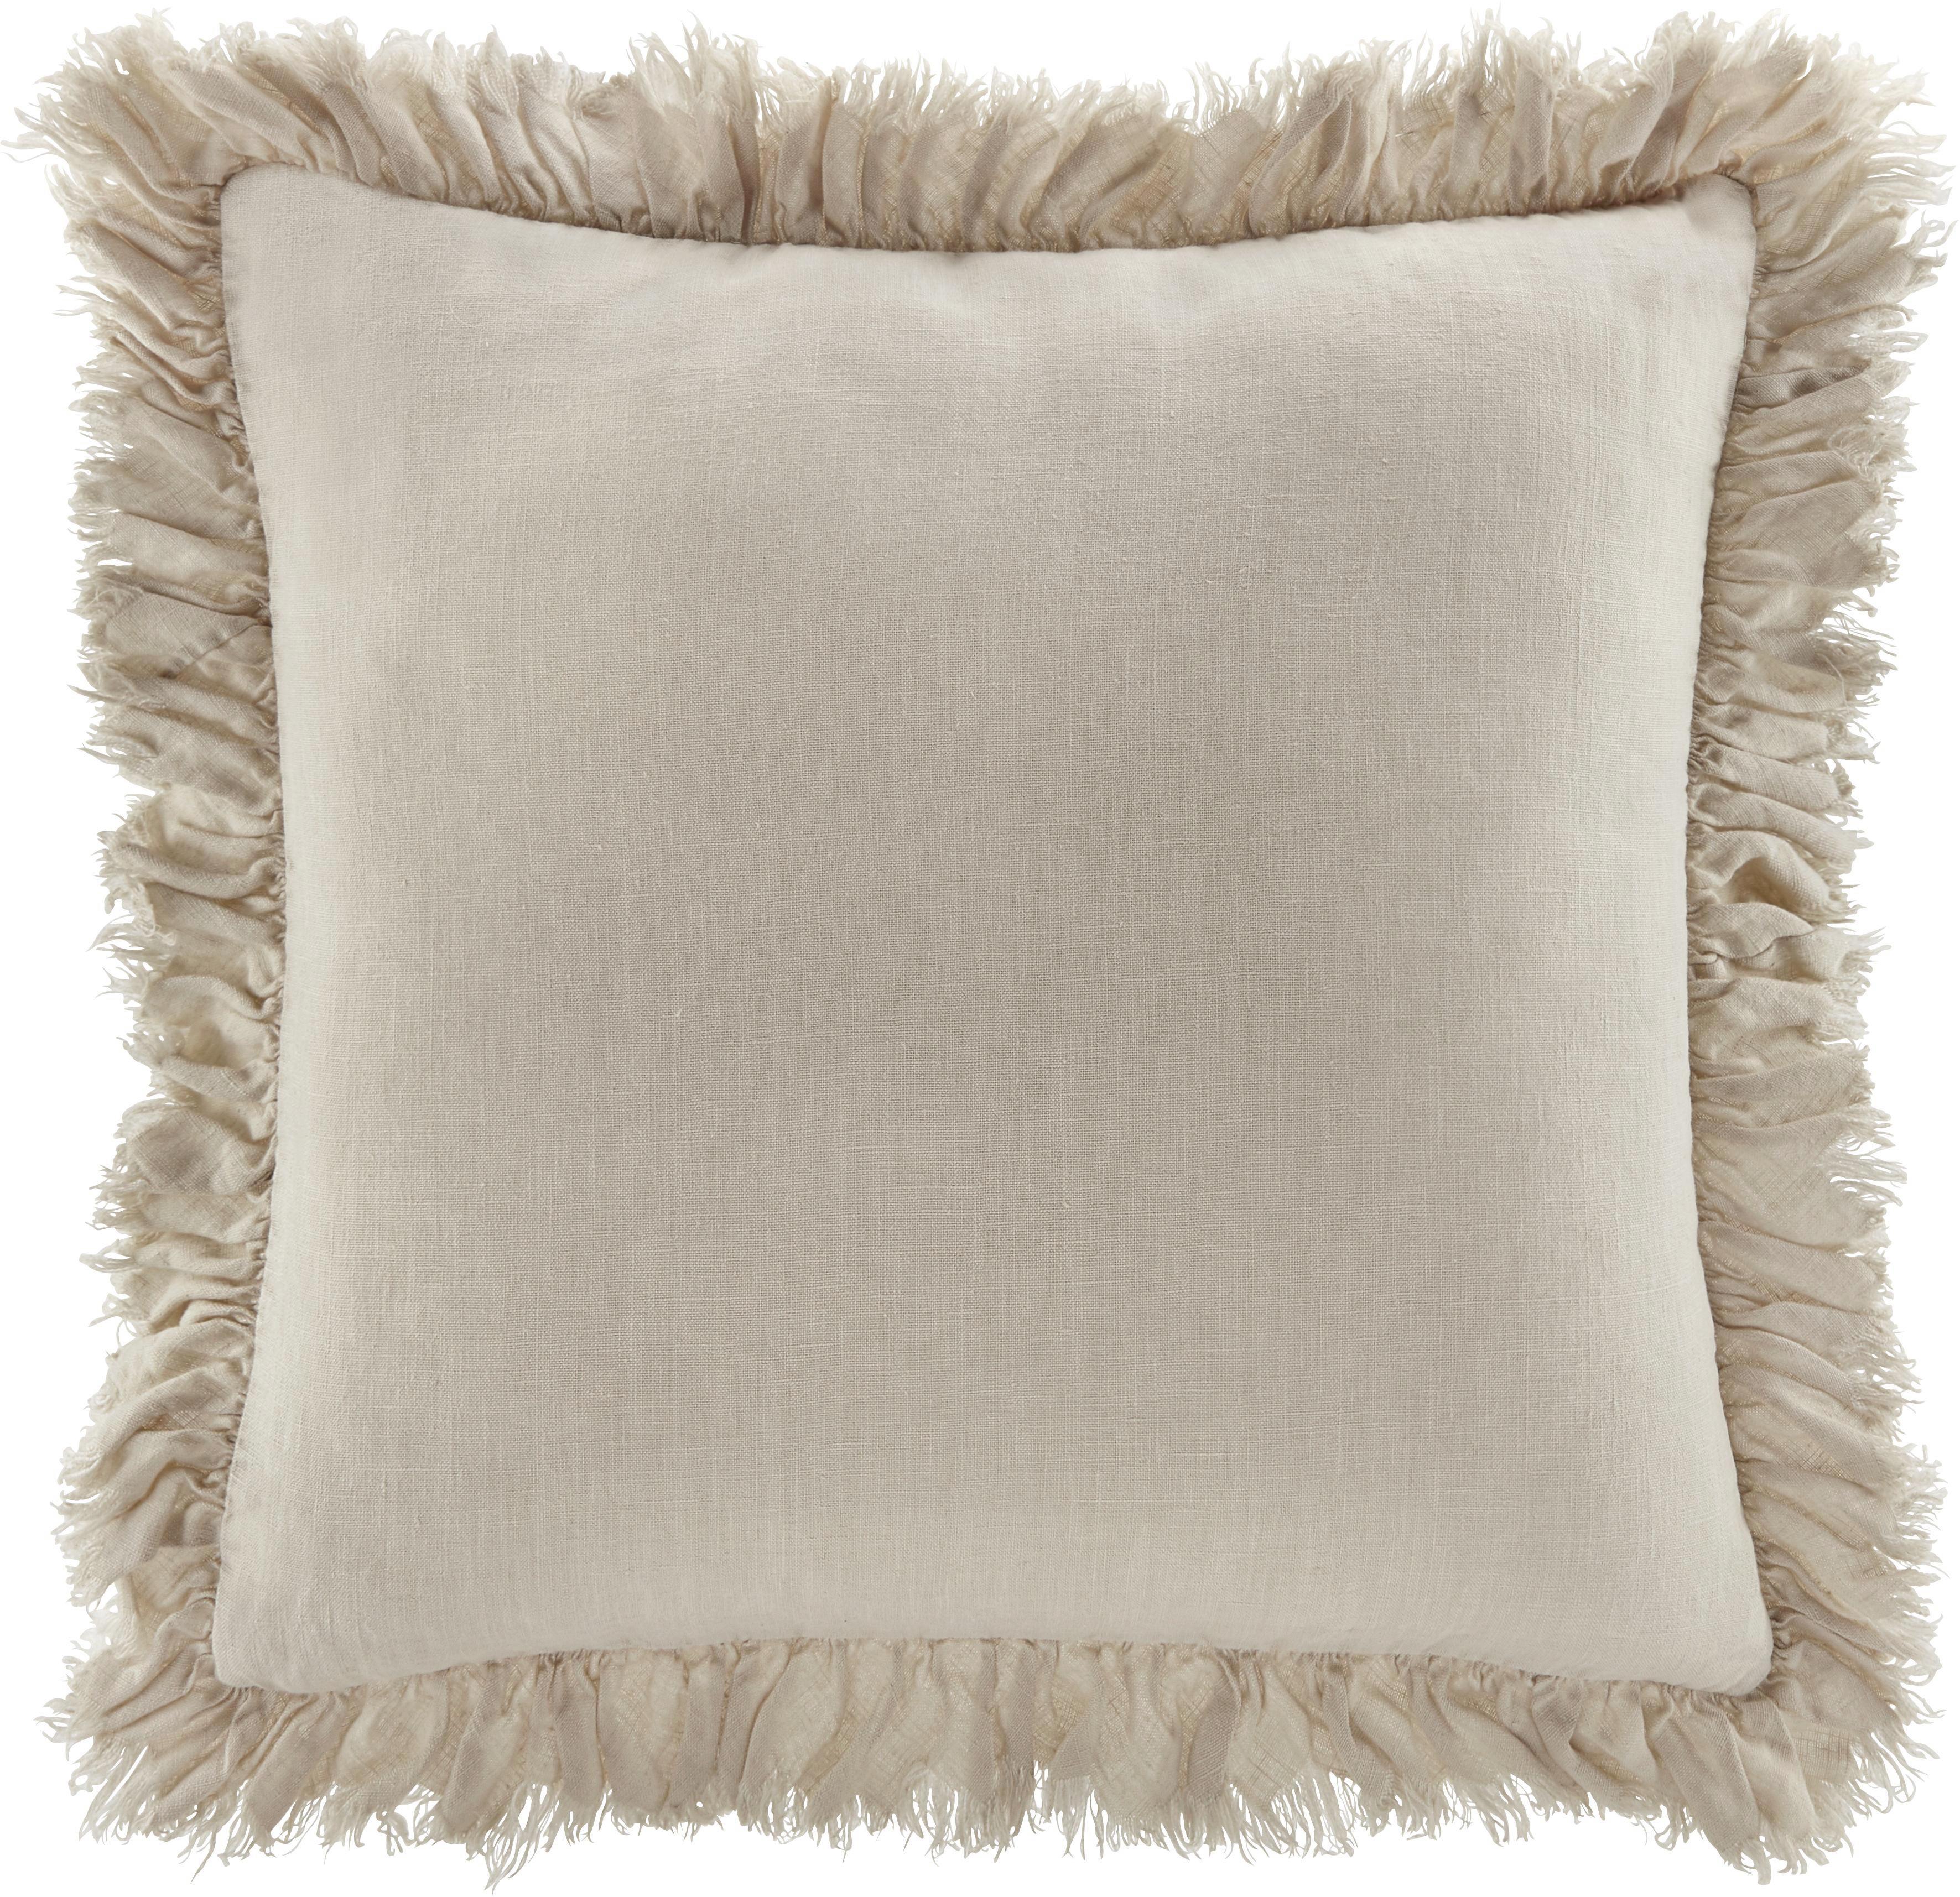 Zierkissen Pascaline 45x45cm - Naturfarben, MODERN, Textil (45/45cm) - MÖMAX modern living